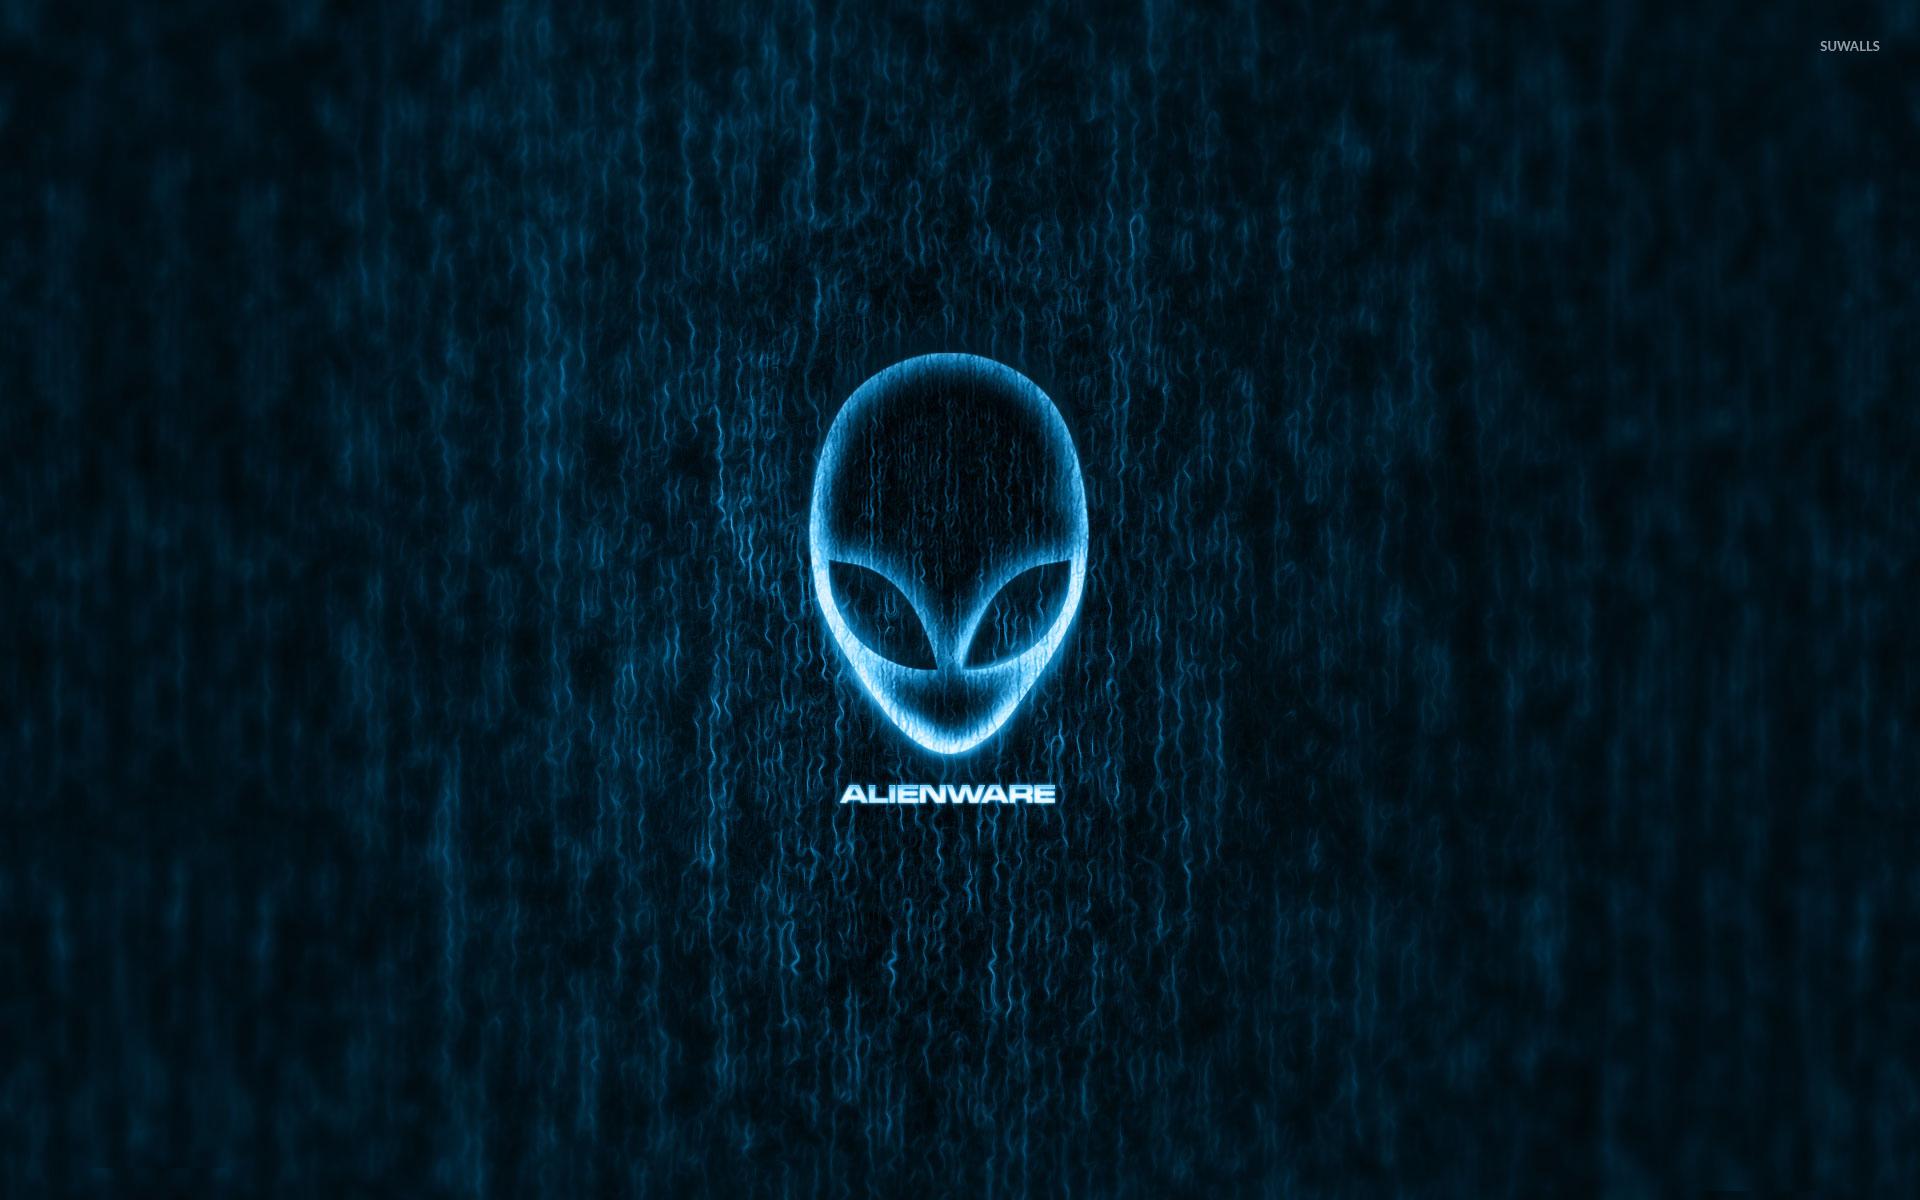 Alienware wallpaper   Computer wallpapers   5407 1920x1200